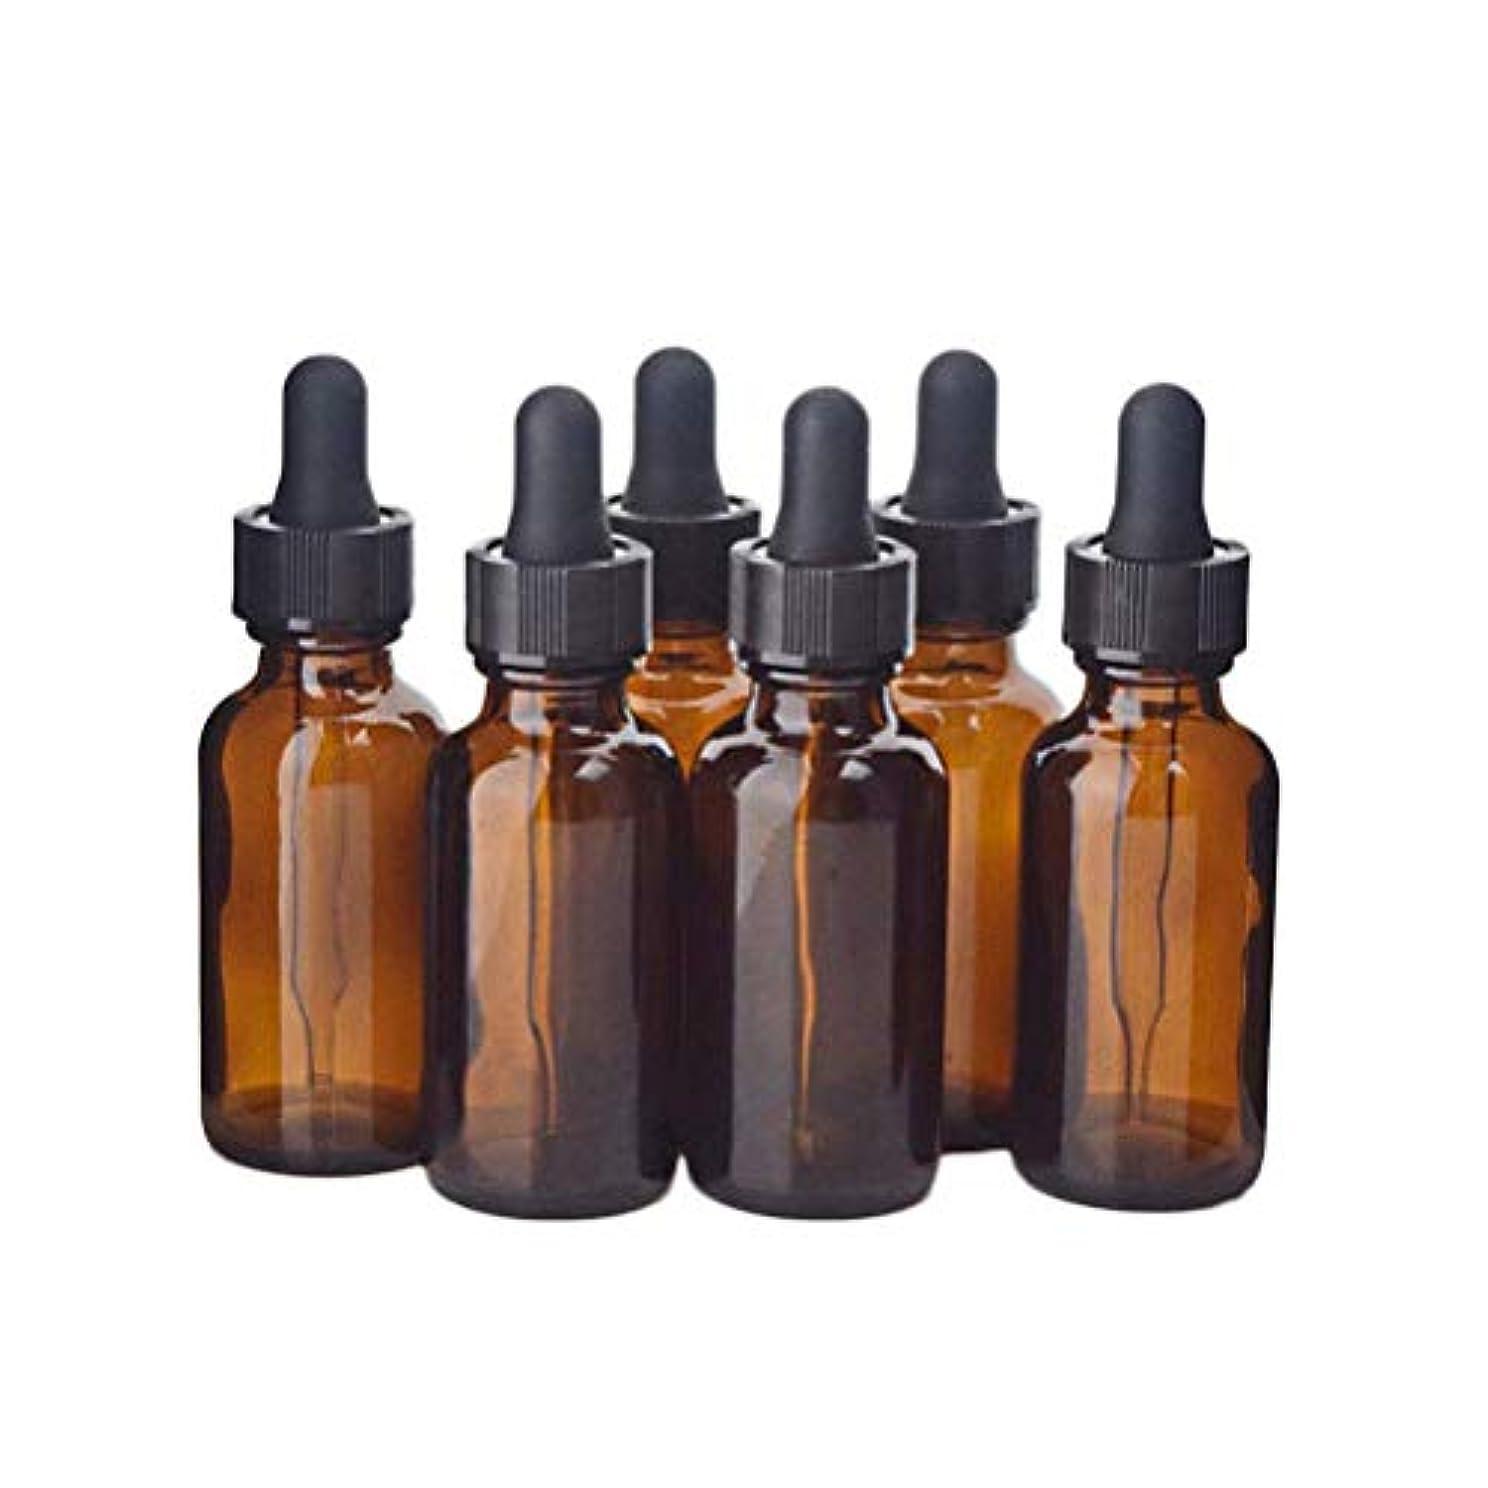 滞在推定苦痛遮光瓶 アロマオイル 精油 香水やアロマの保存 小分け用 遮光瓶 30ml 12本セット茶色